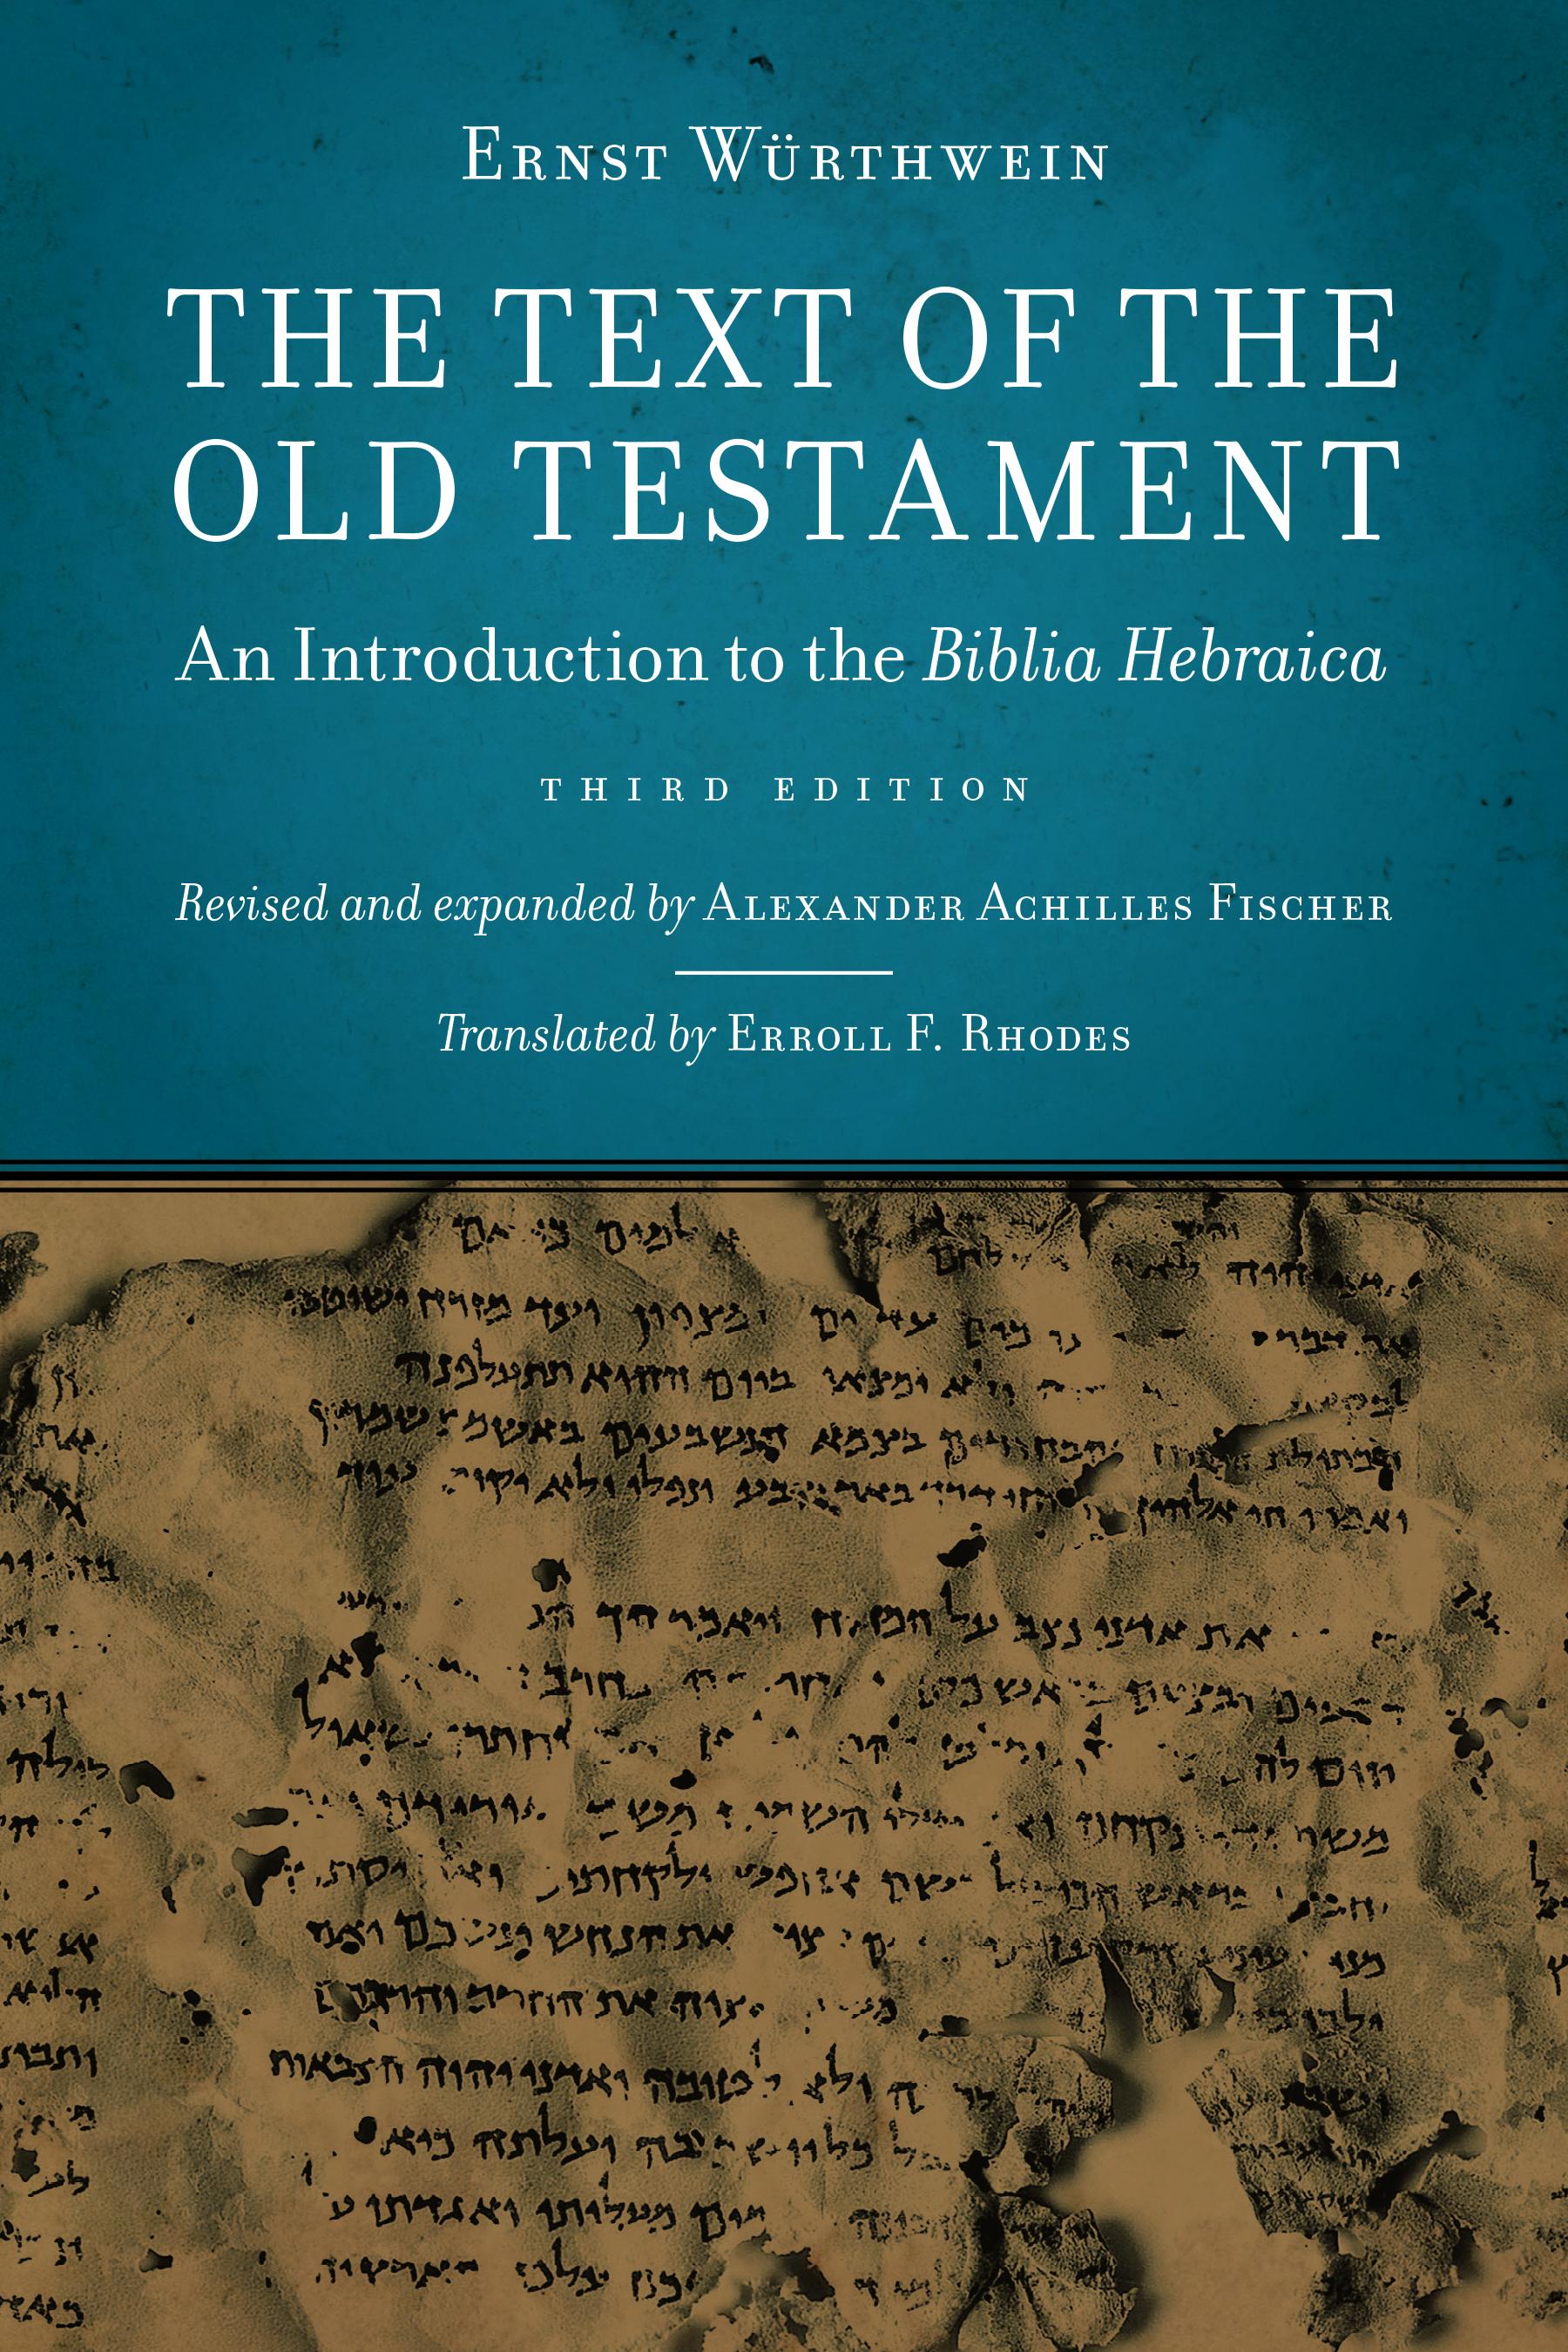 The Text of the Old Testament - Ernst Wurthwein, Alexander